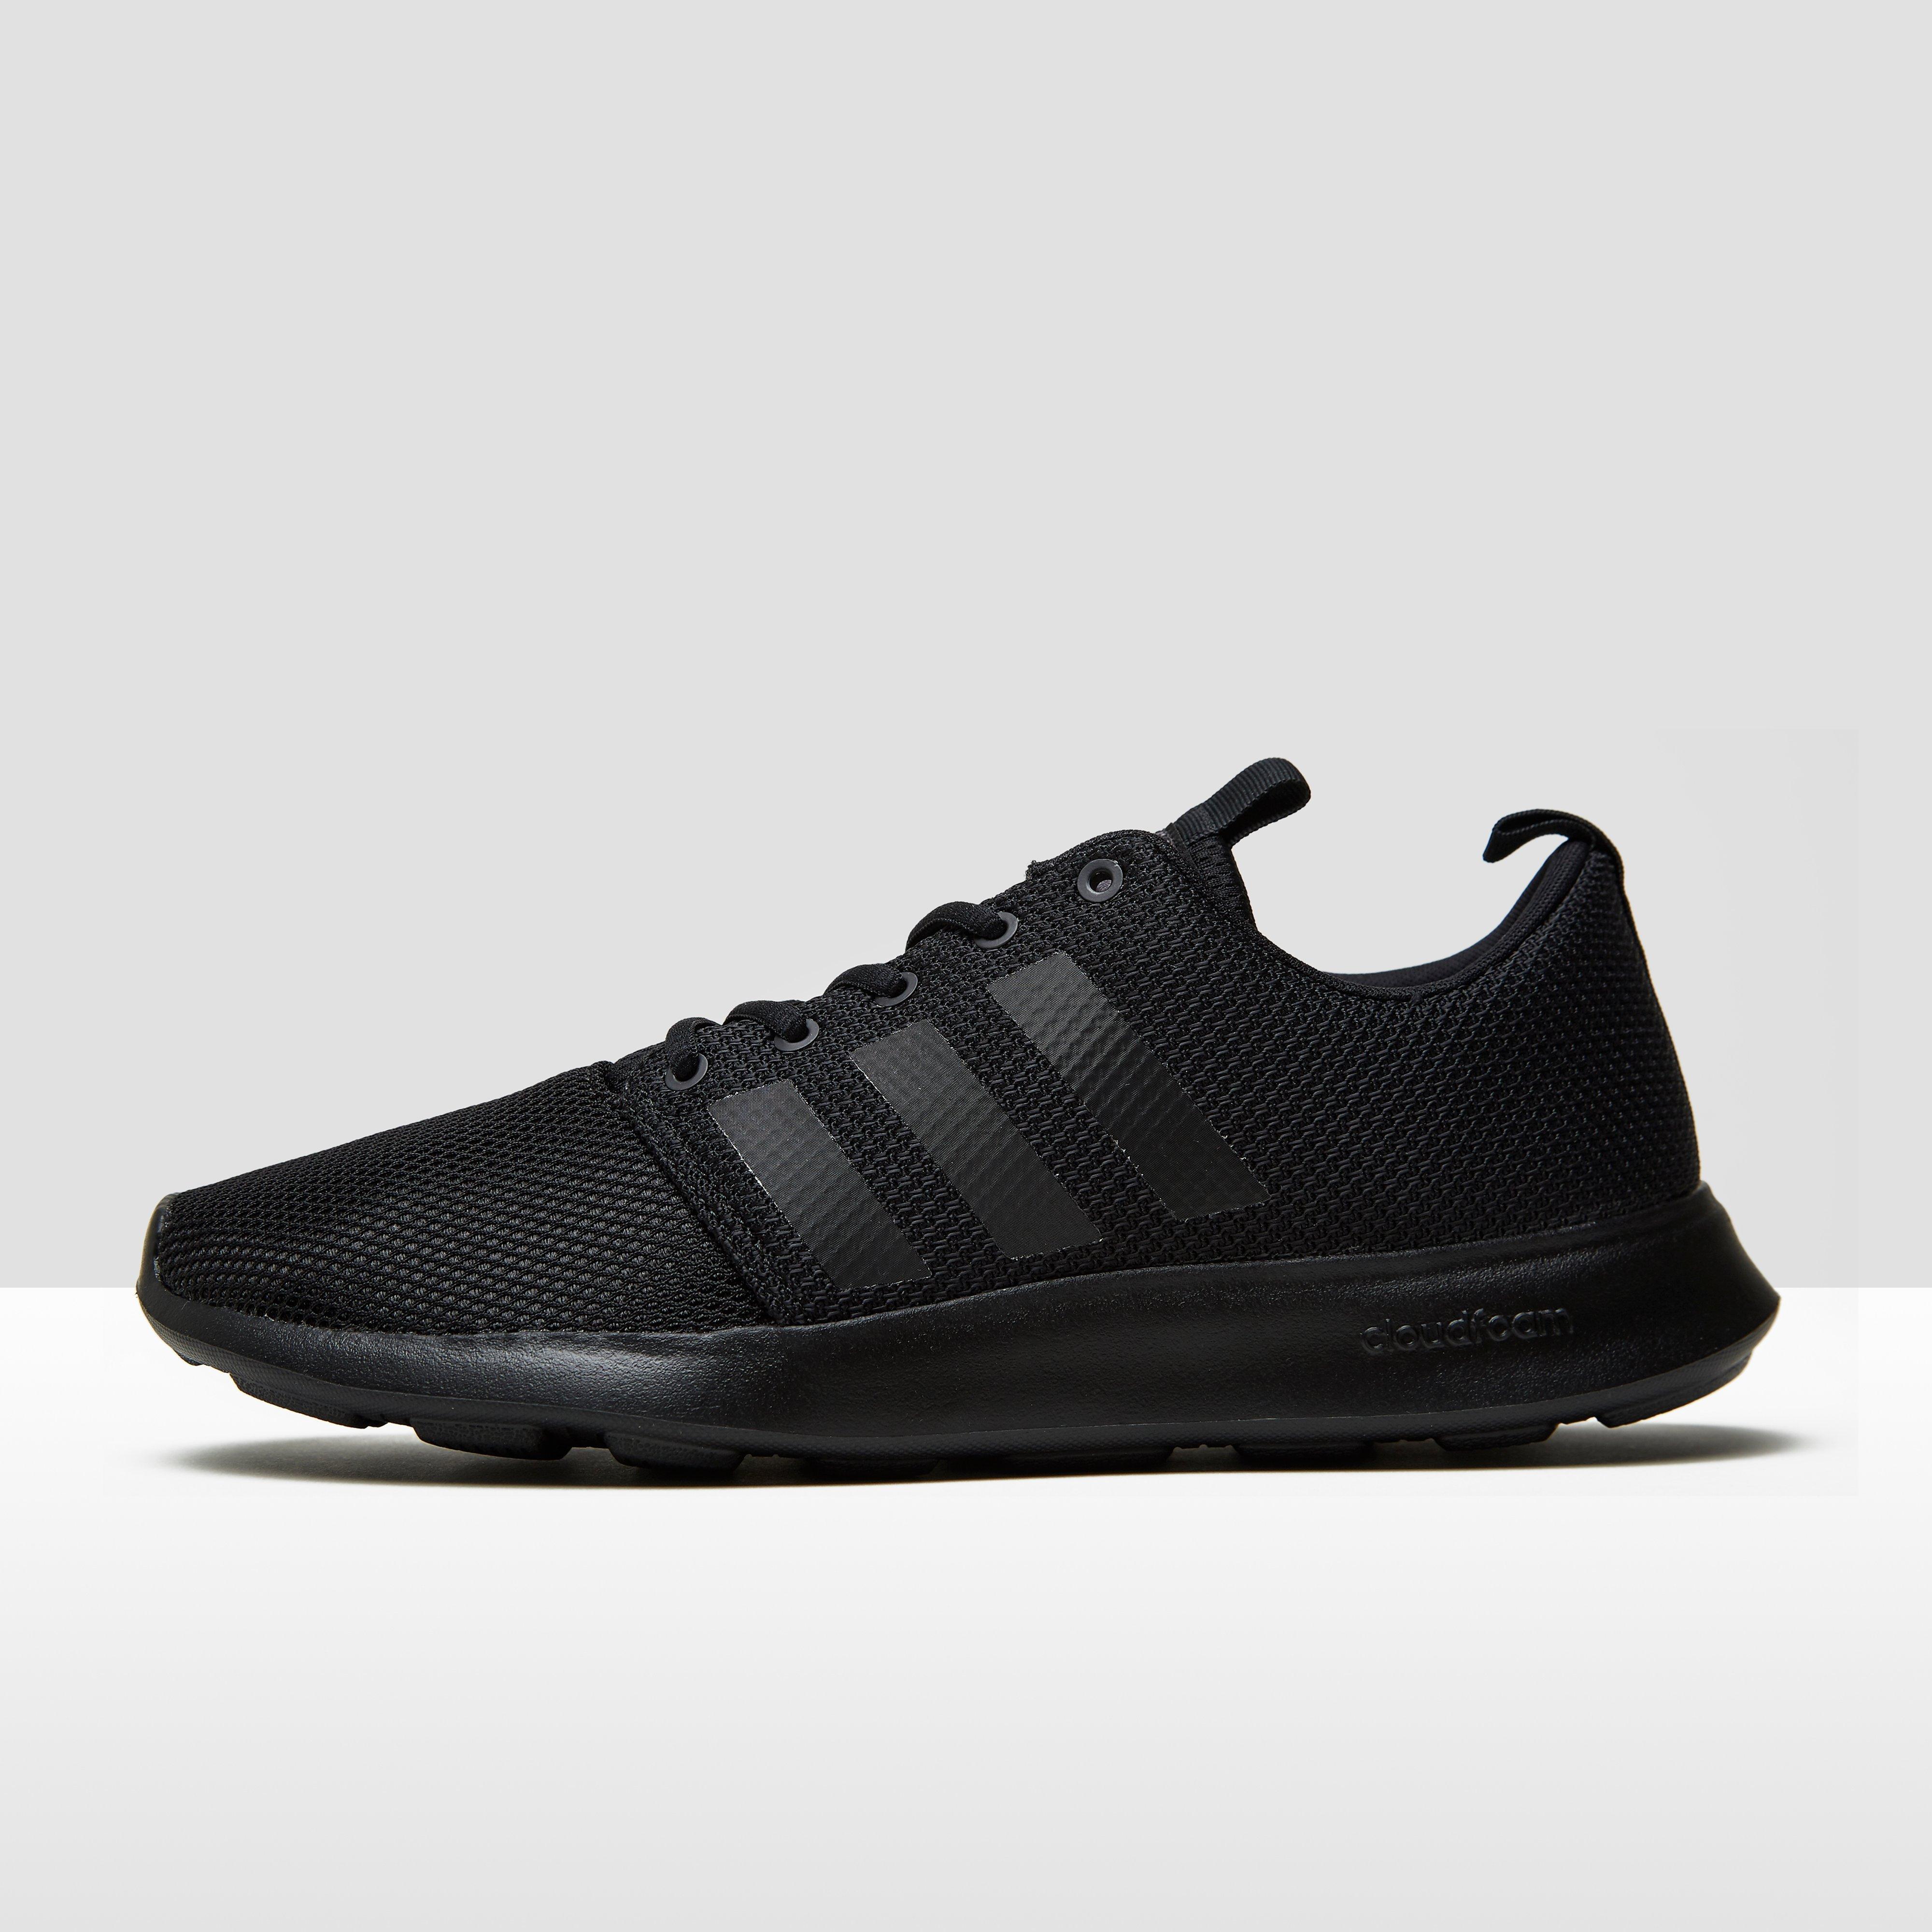 Adidas - Mousse Nuage Chaussures De Sport Ultime - Hommes - Chaussures - Noir - 40 2/3 PHeLEm